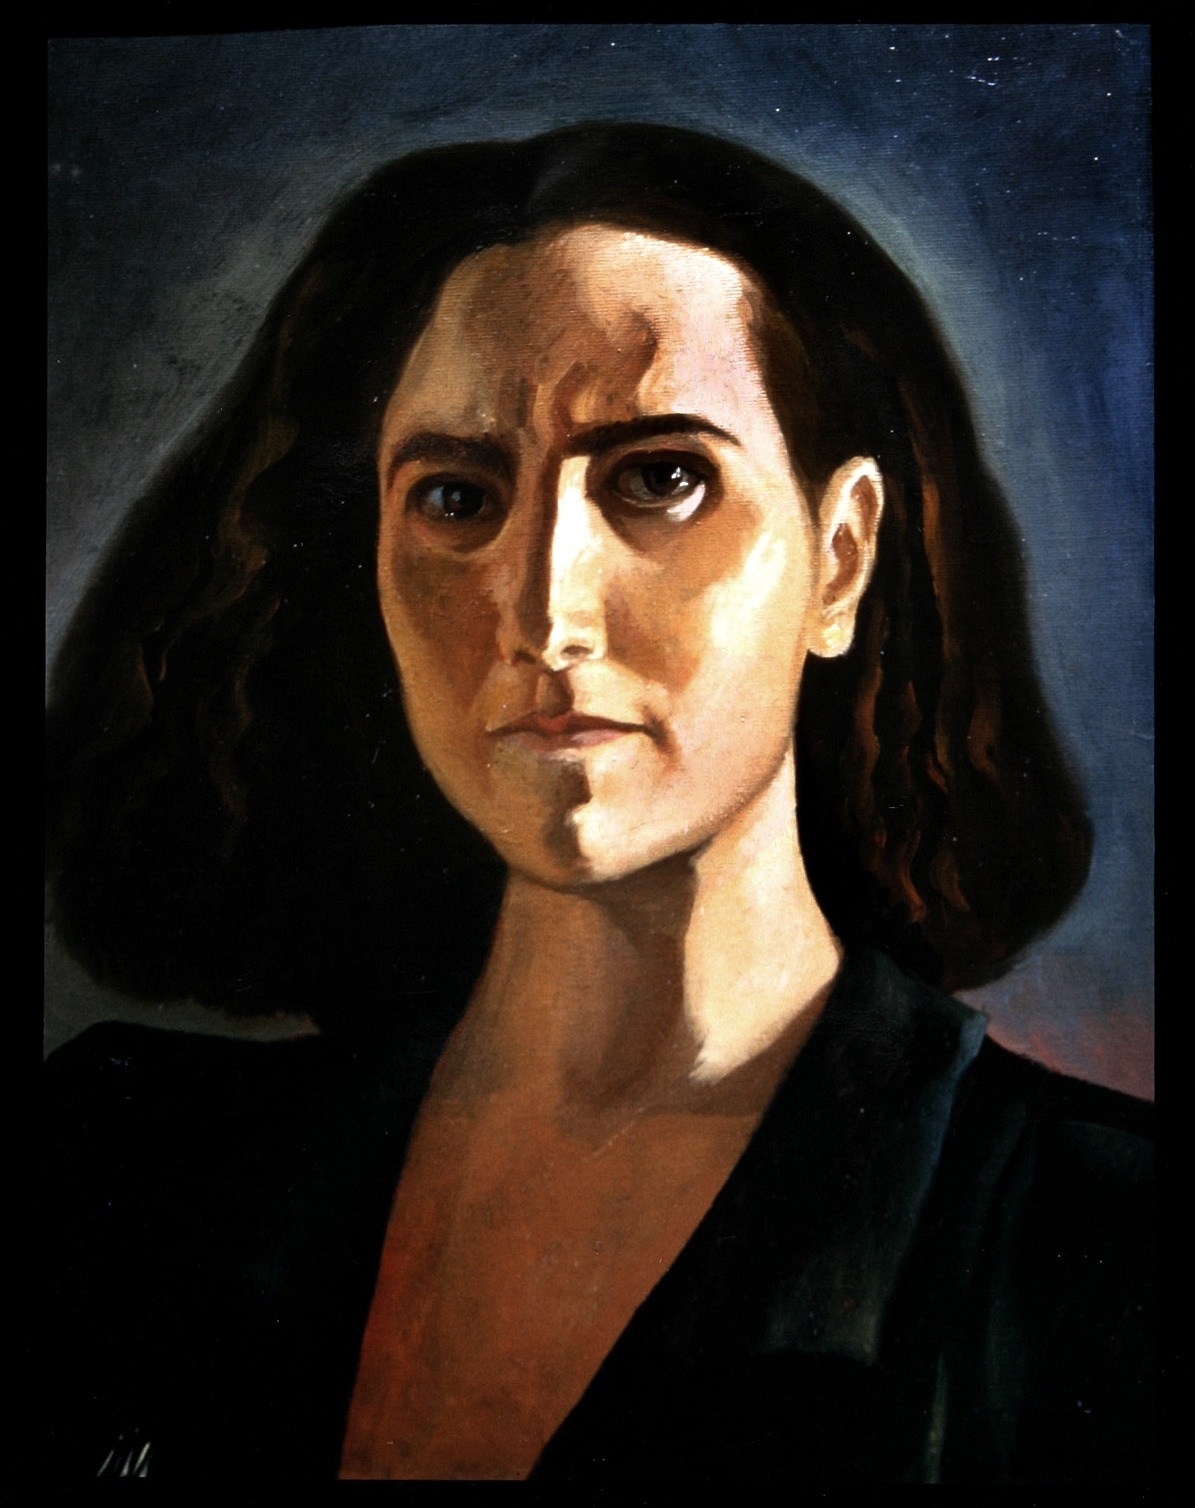 Афифа Алейби (1953-) - иракская художница.